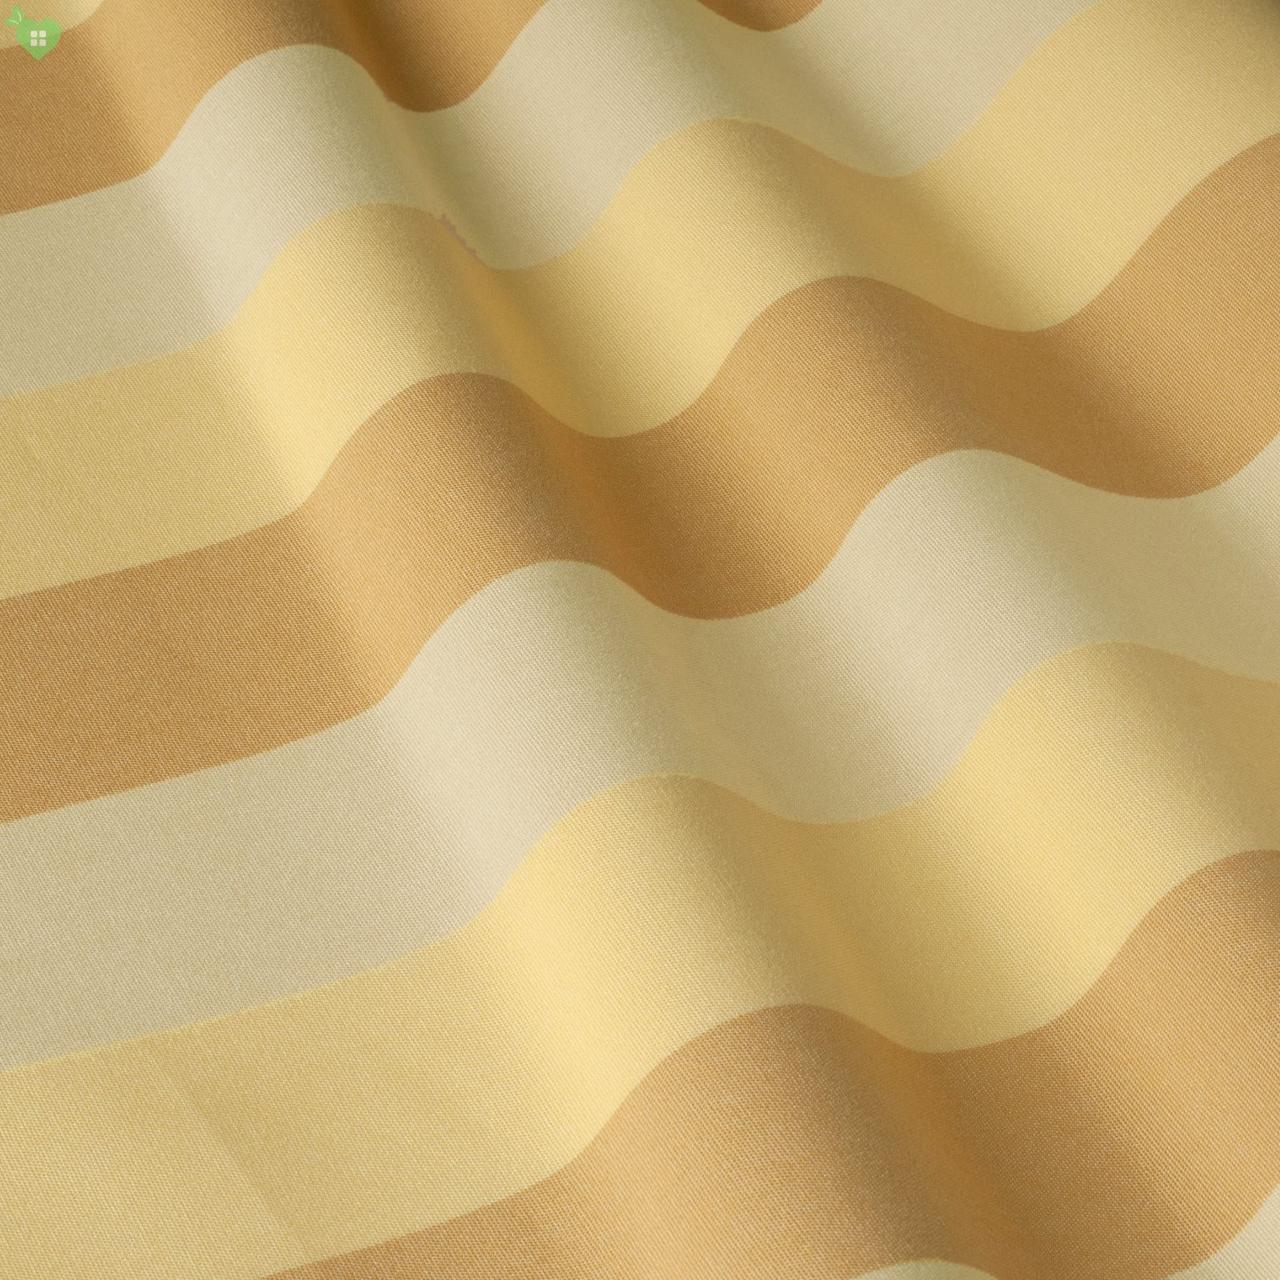 Уличная декоративная ткань полоса коричневая бежевая и желтая для беседок, уличной мебели 84337v1